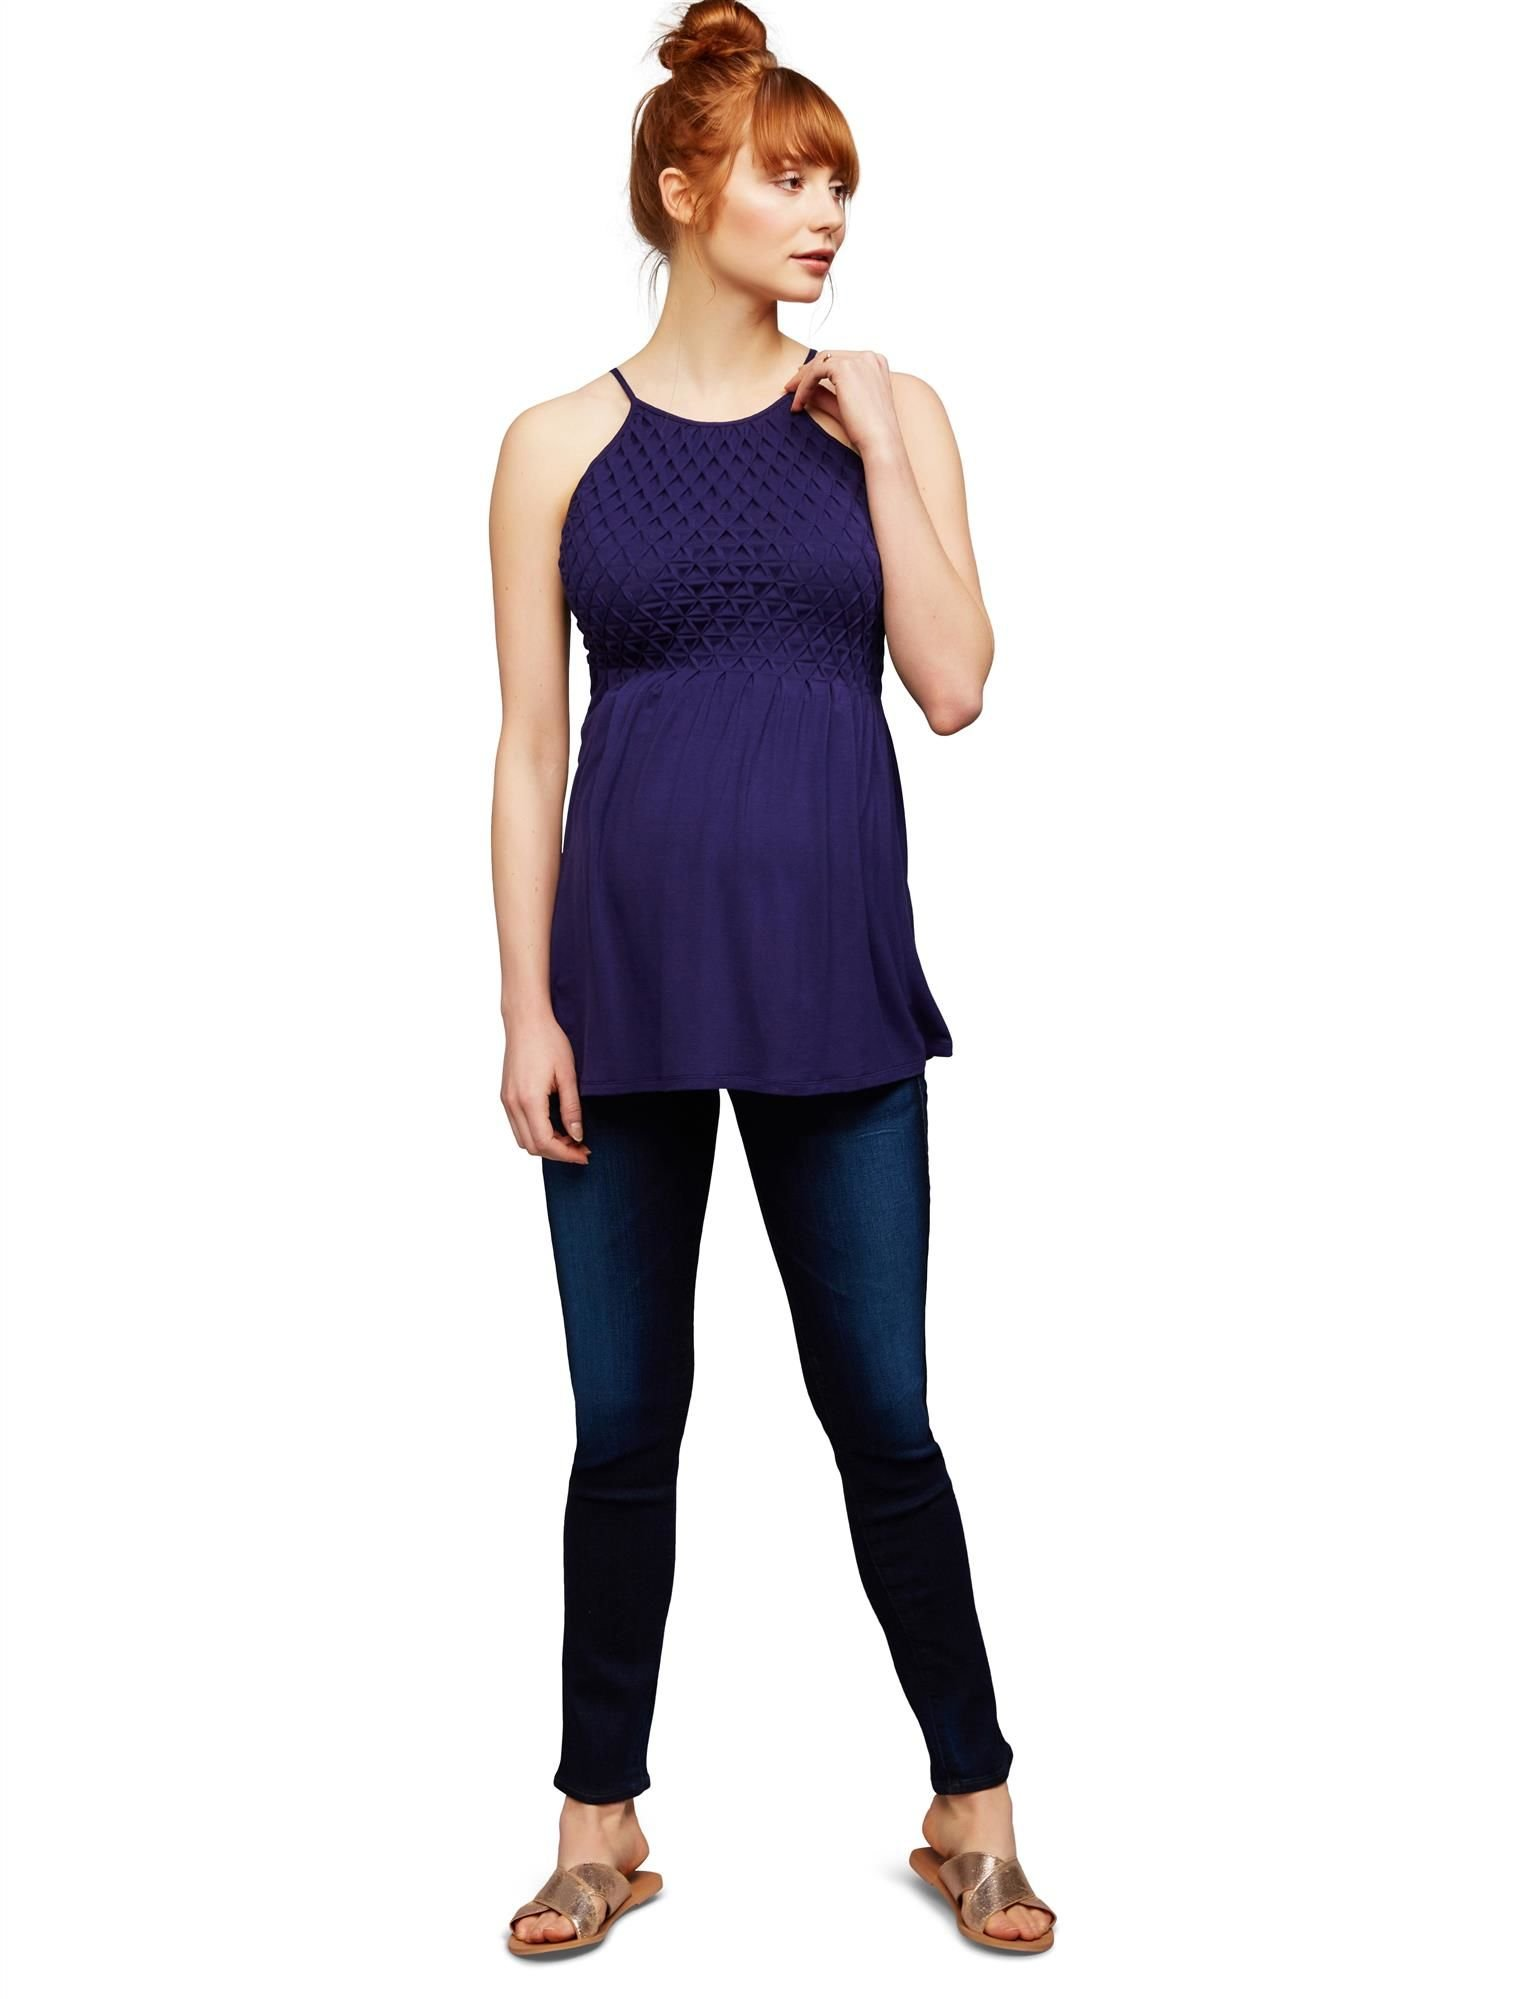 Ag Jeans Secret Fit Belly Stilt Straight Maternity Jeans